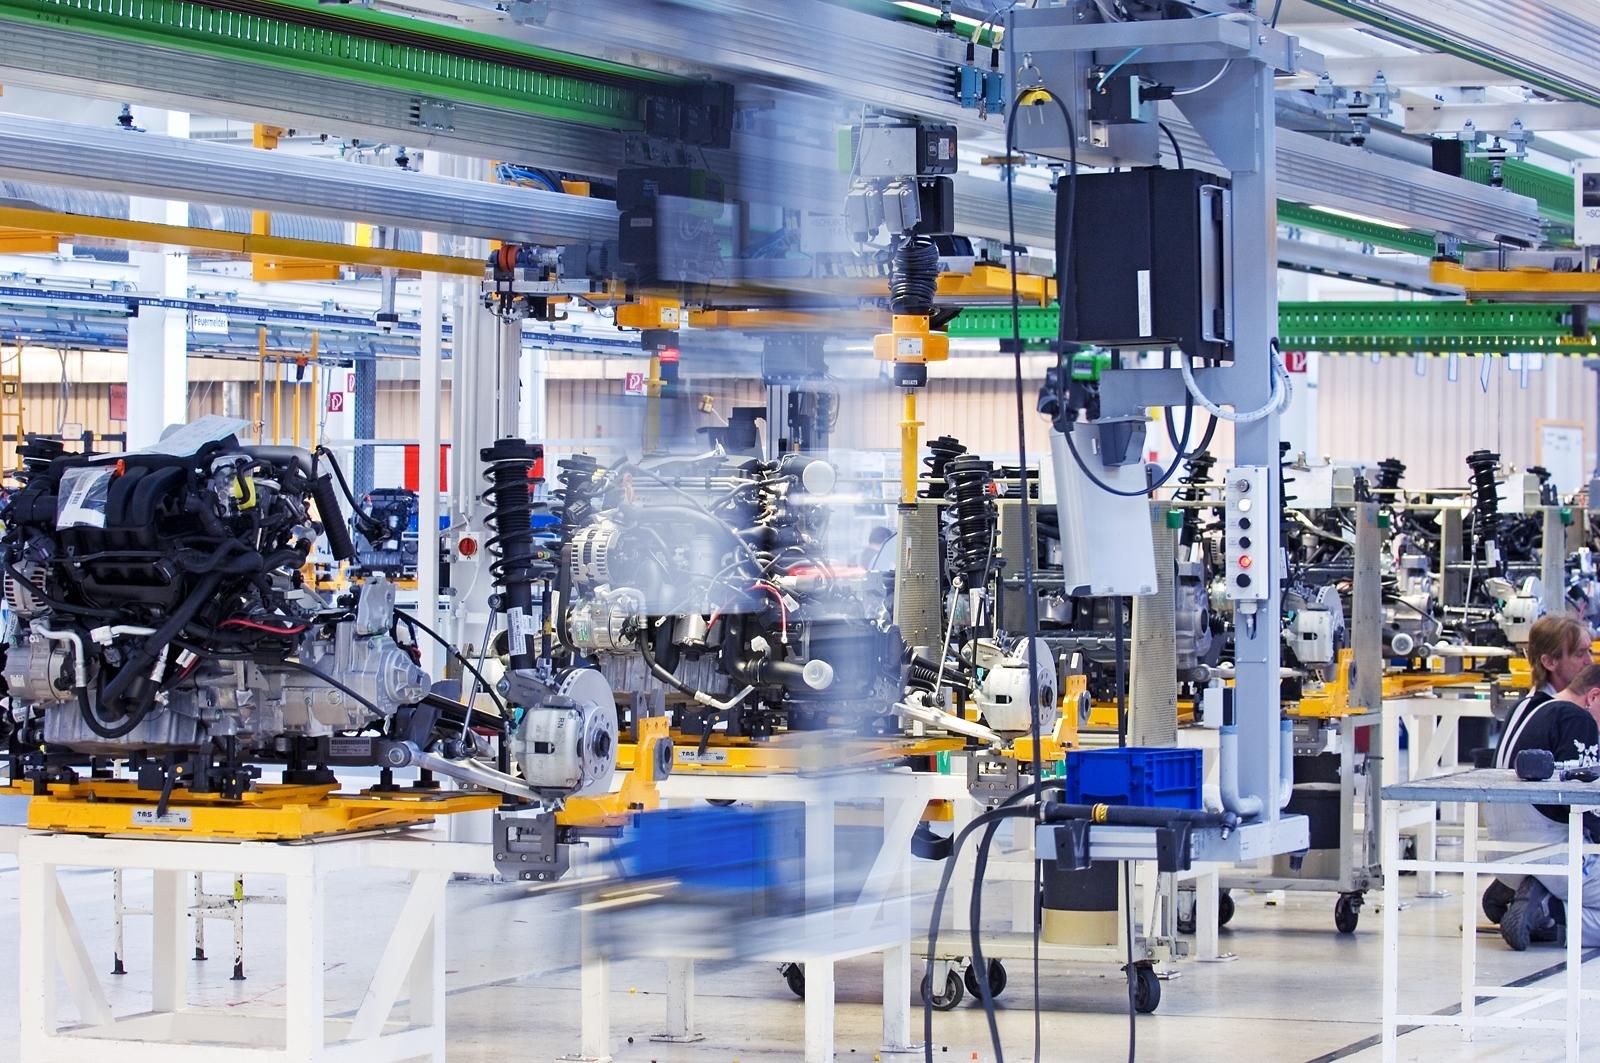 Proyectos-de-Automatizacion-Enerprod-5